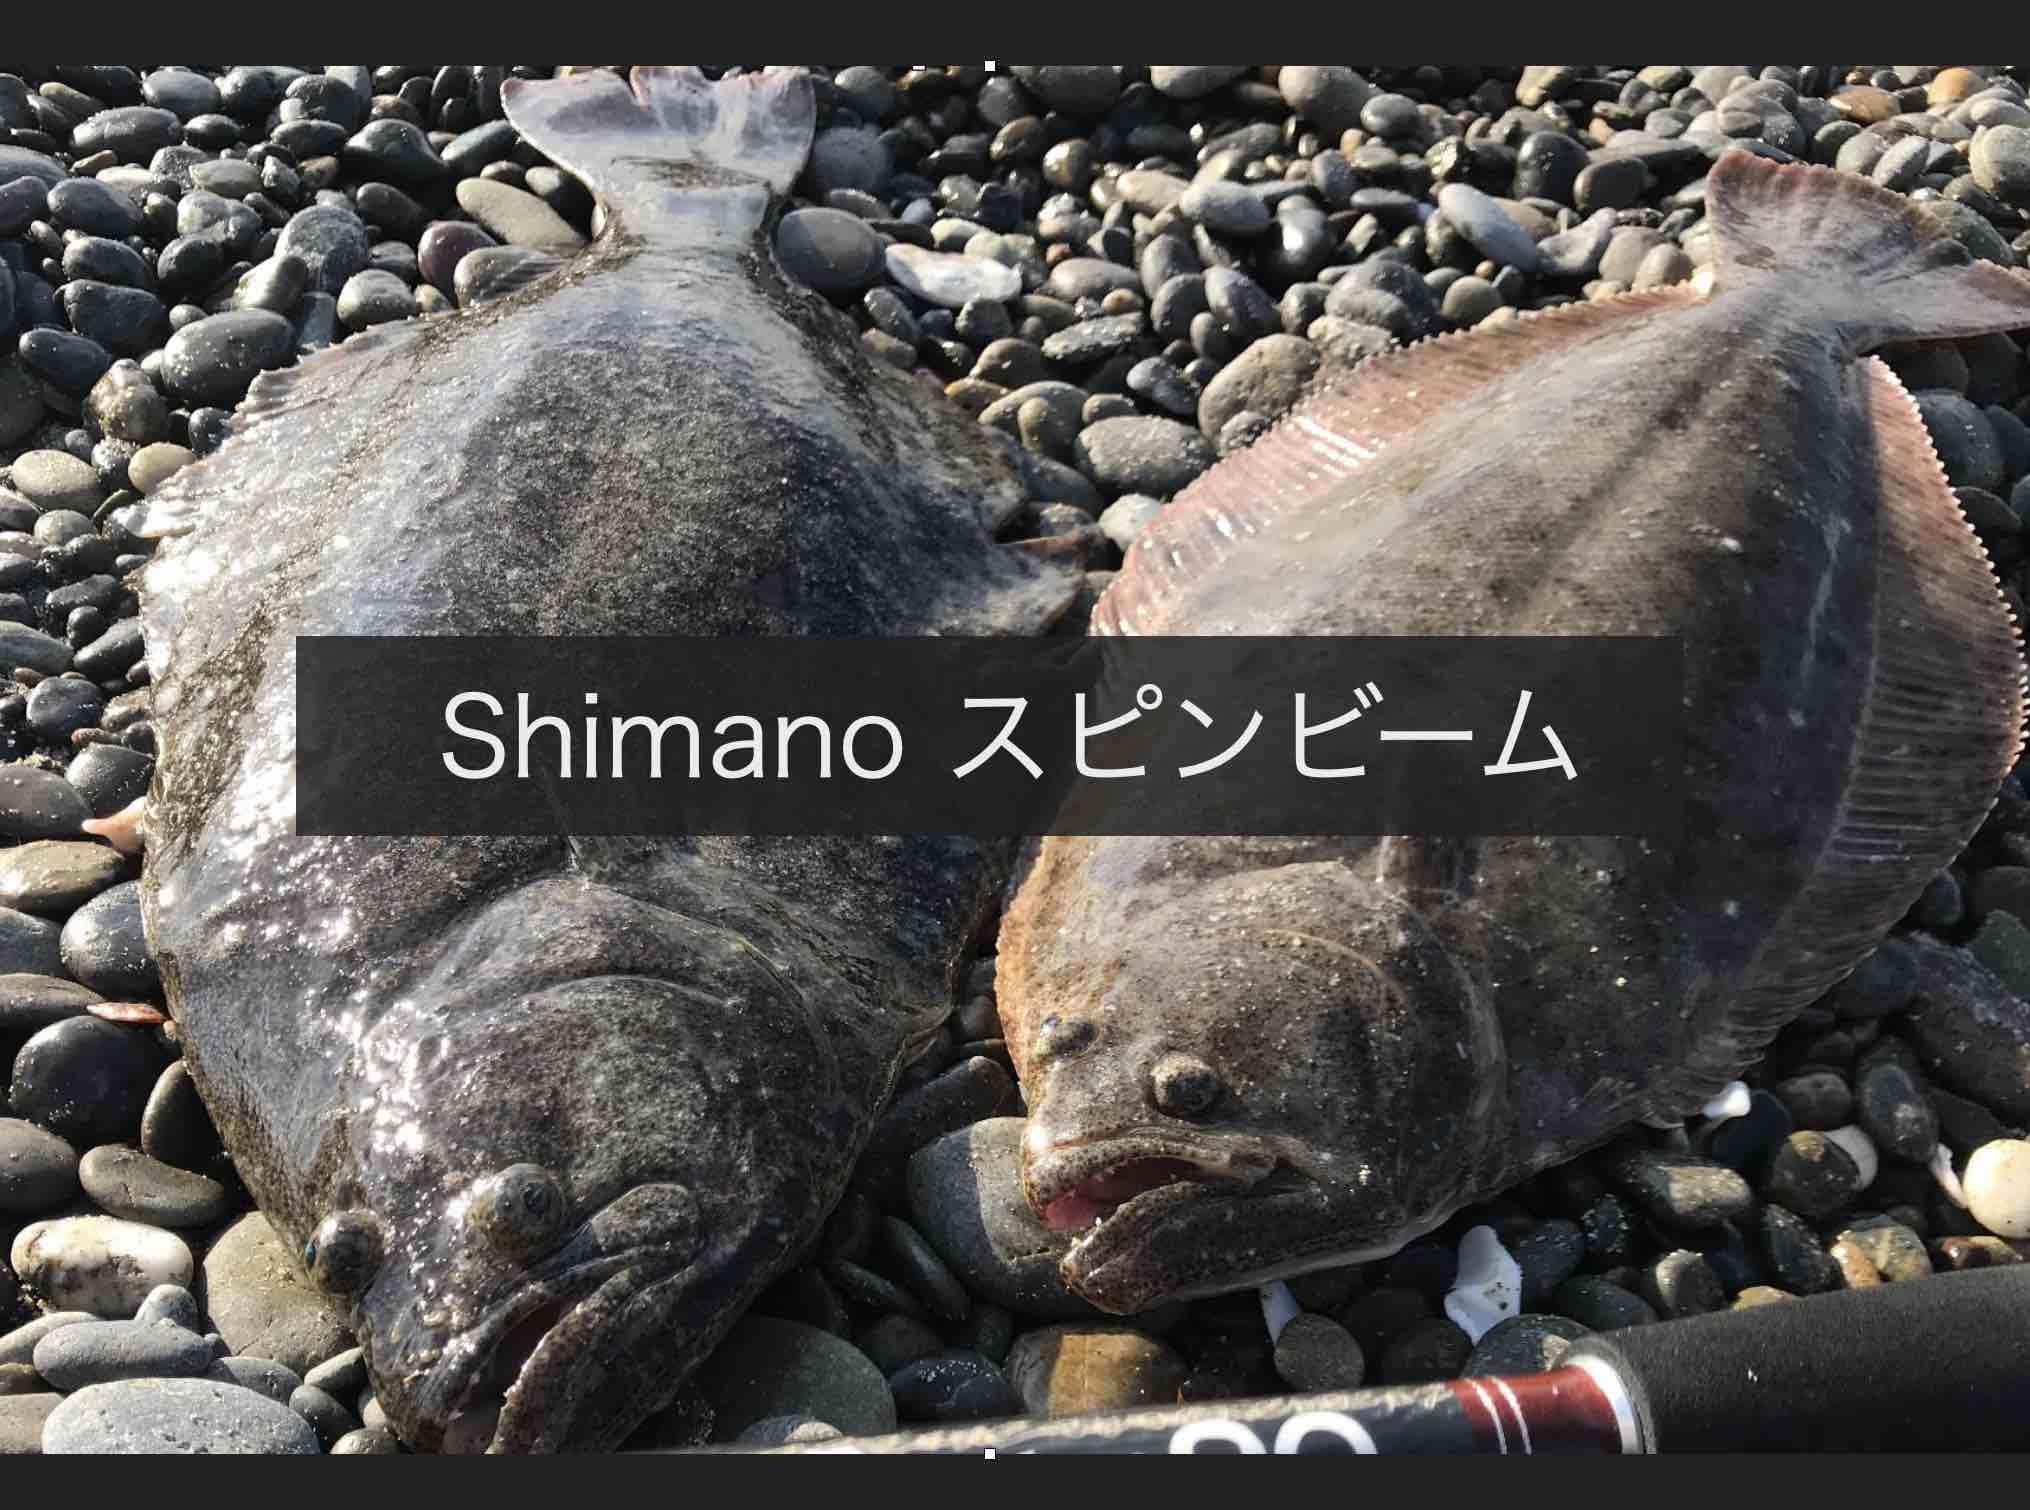 Shimano スピンビームでヒラメが釣れた